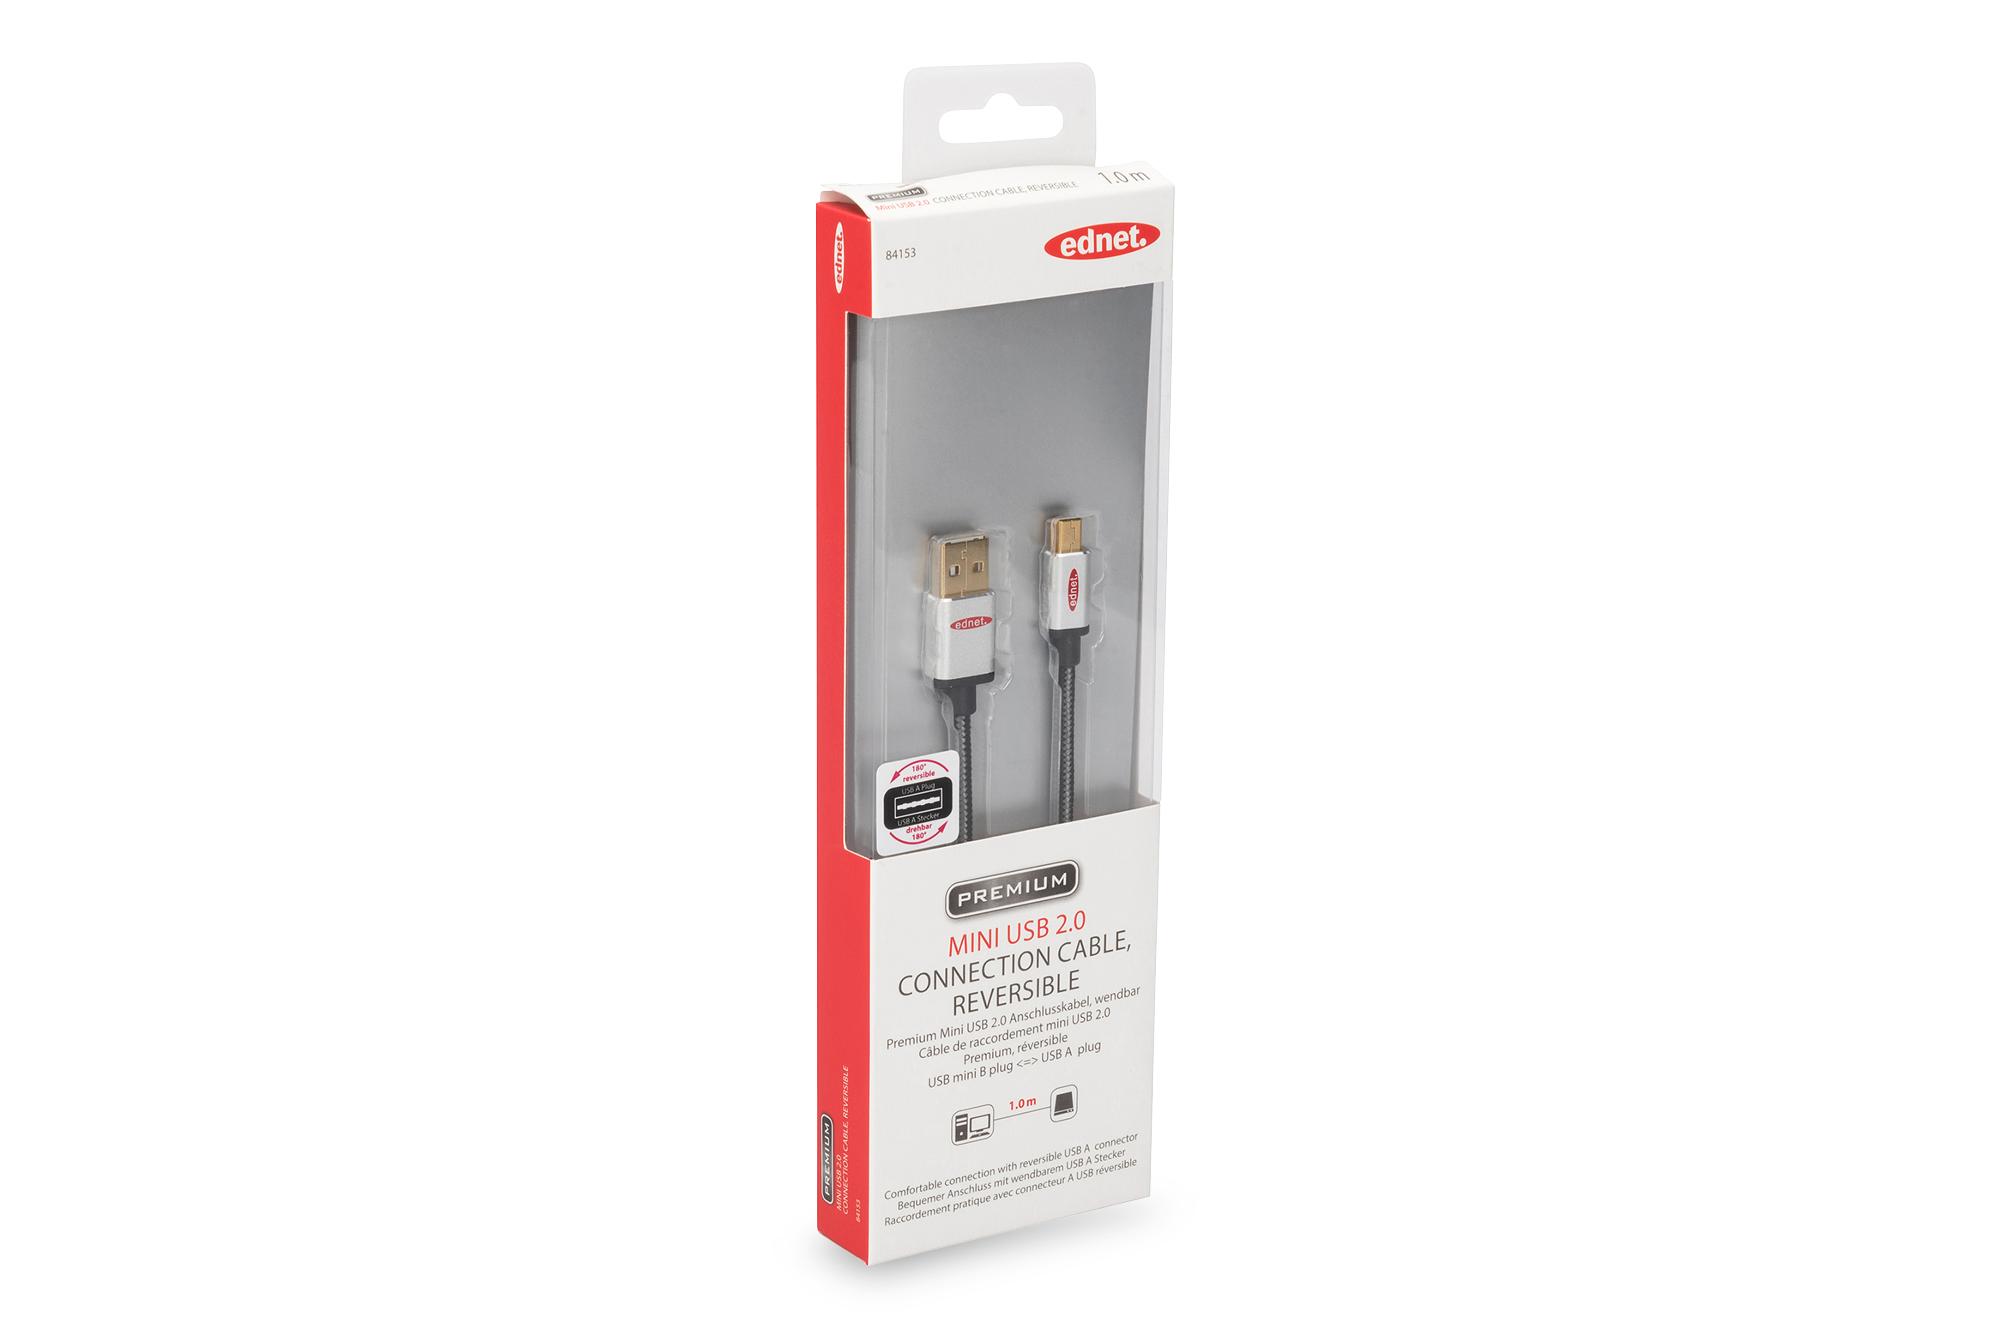 Assmann USB 2.0 Anschlusskabel, wendbar